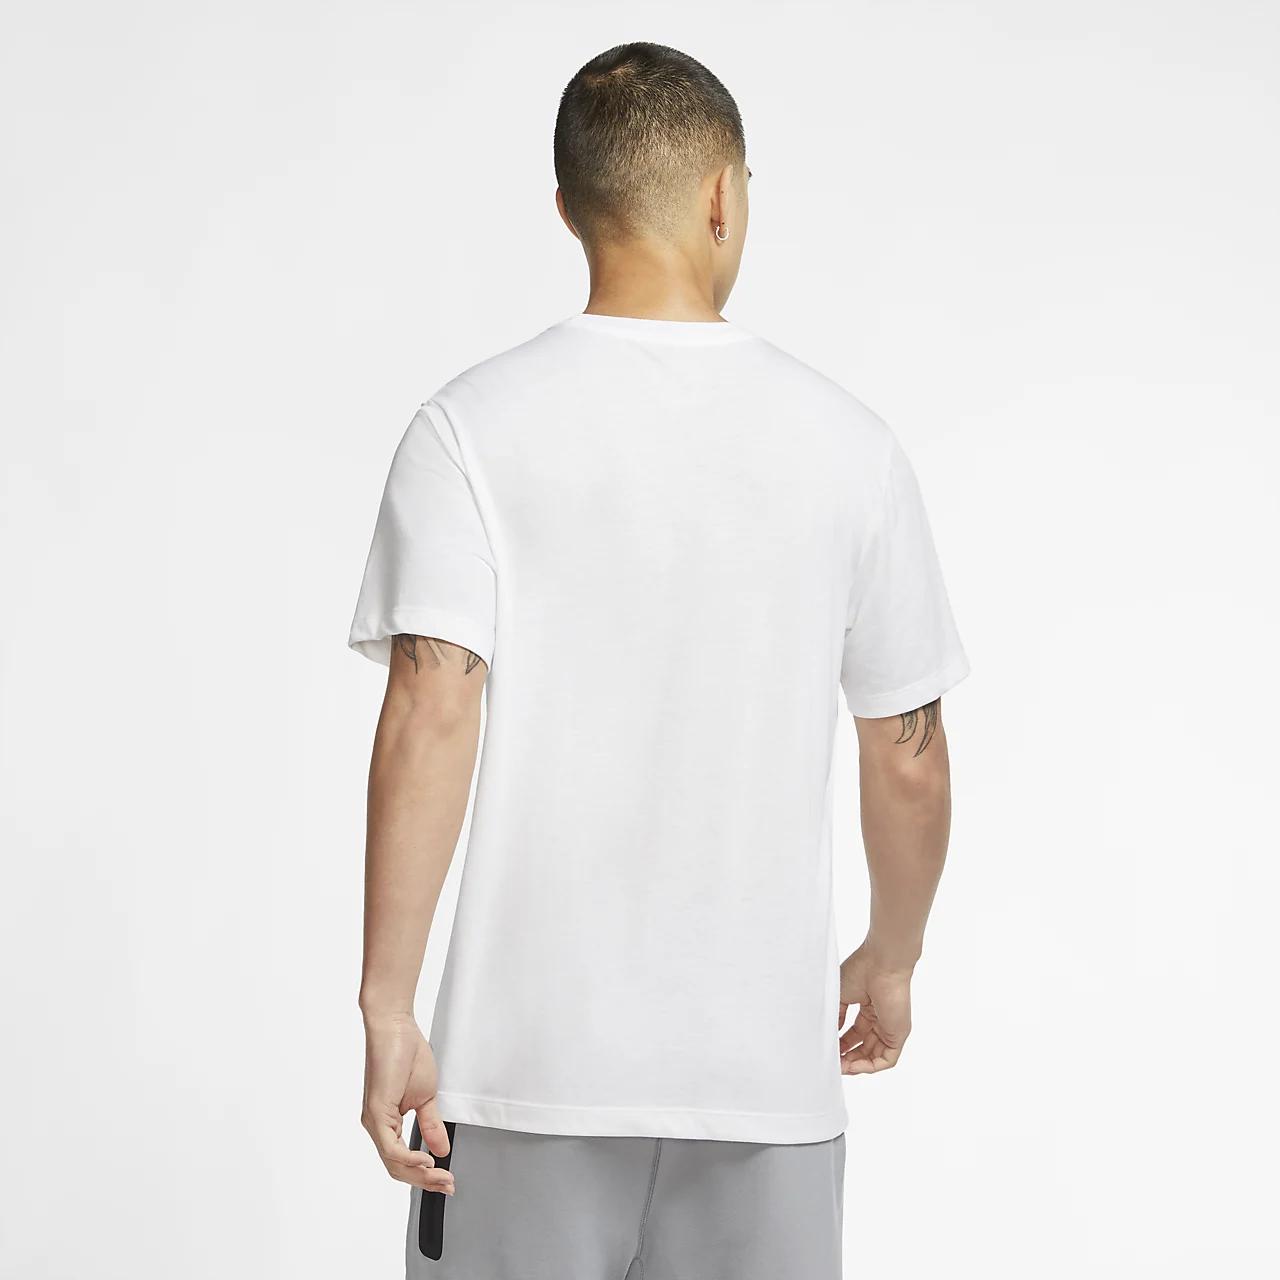 나이키 스포츠웨어 남성 티셔츠 CN1427-100